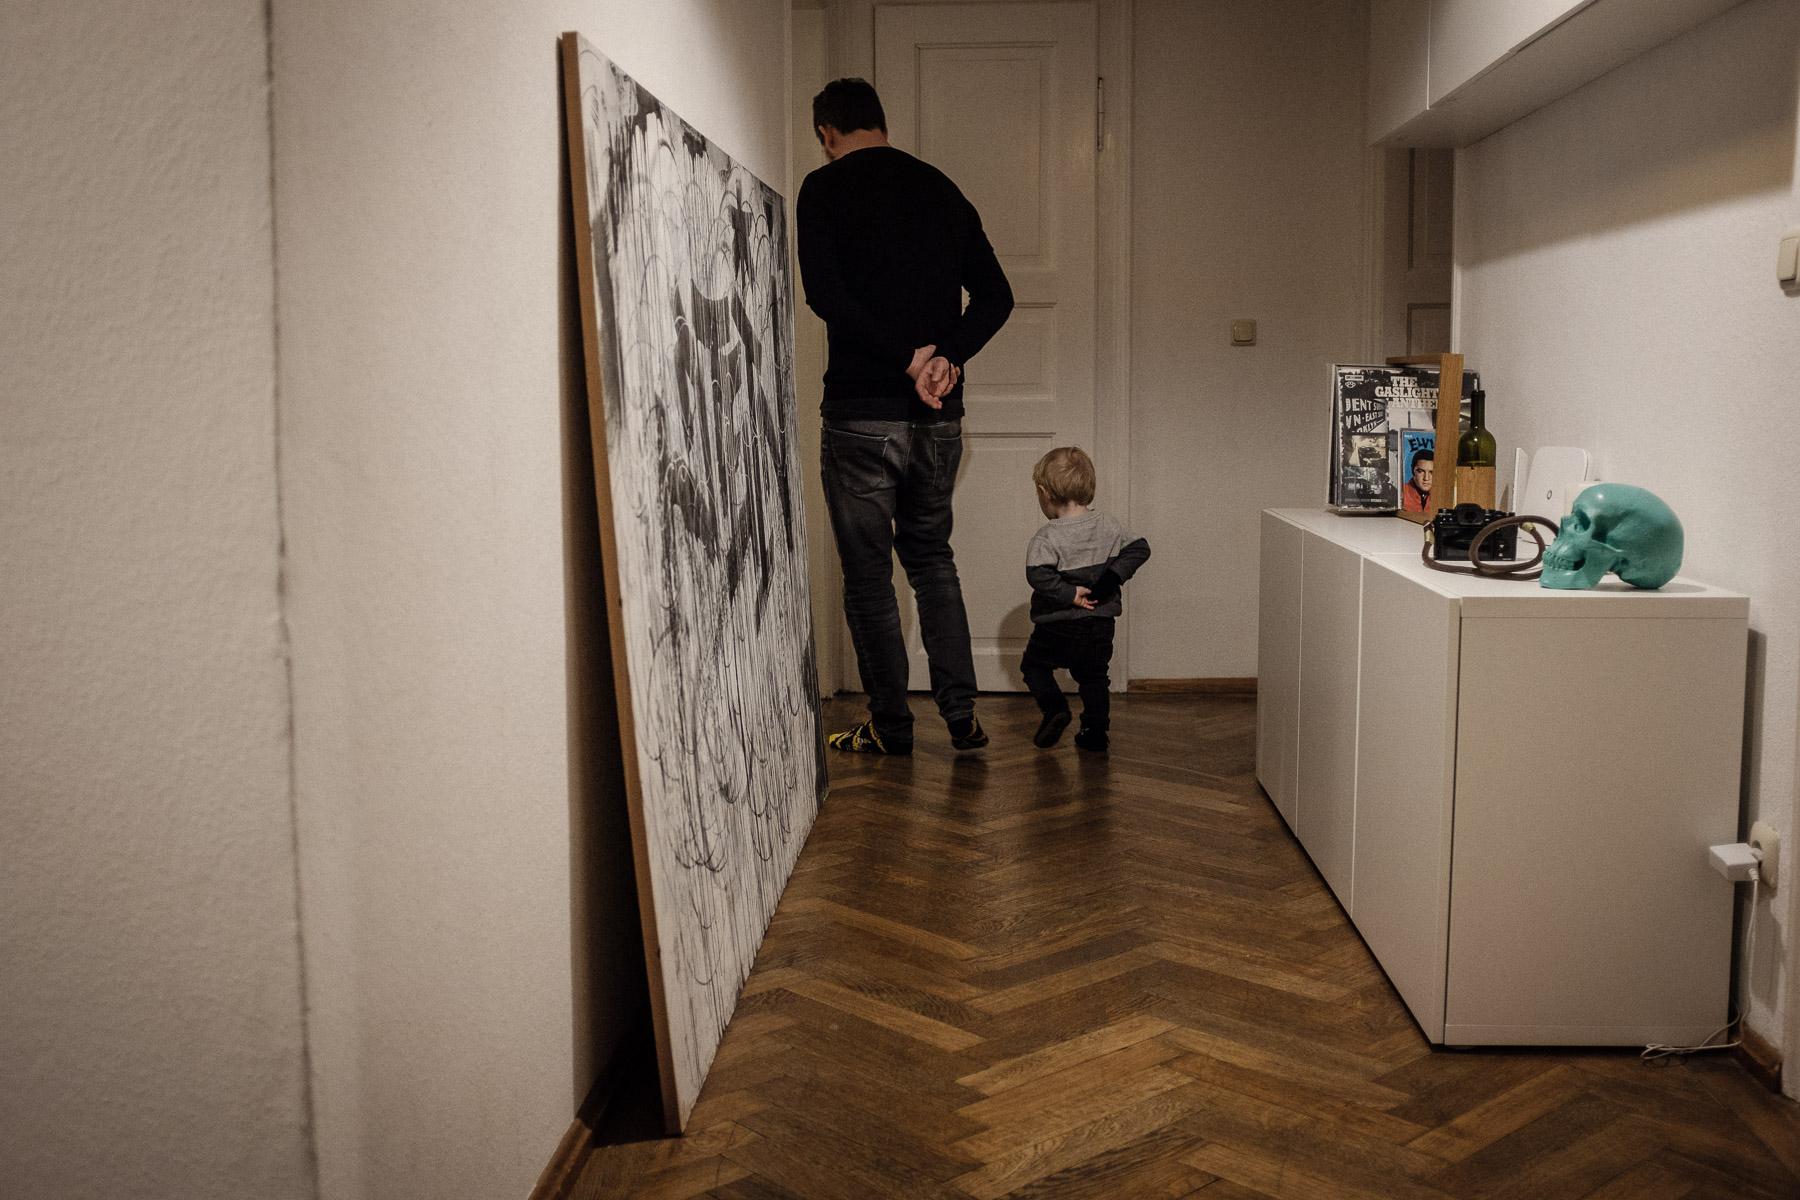 Martin_Liebl_Kein_Familienfotograf_BK_Portfolio_12.jpg